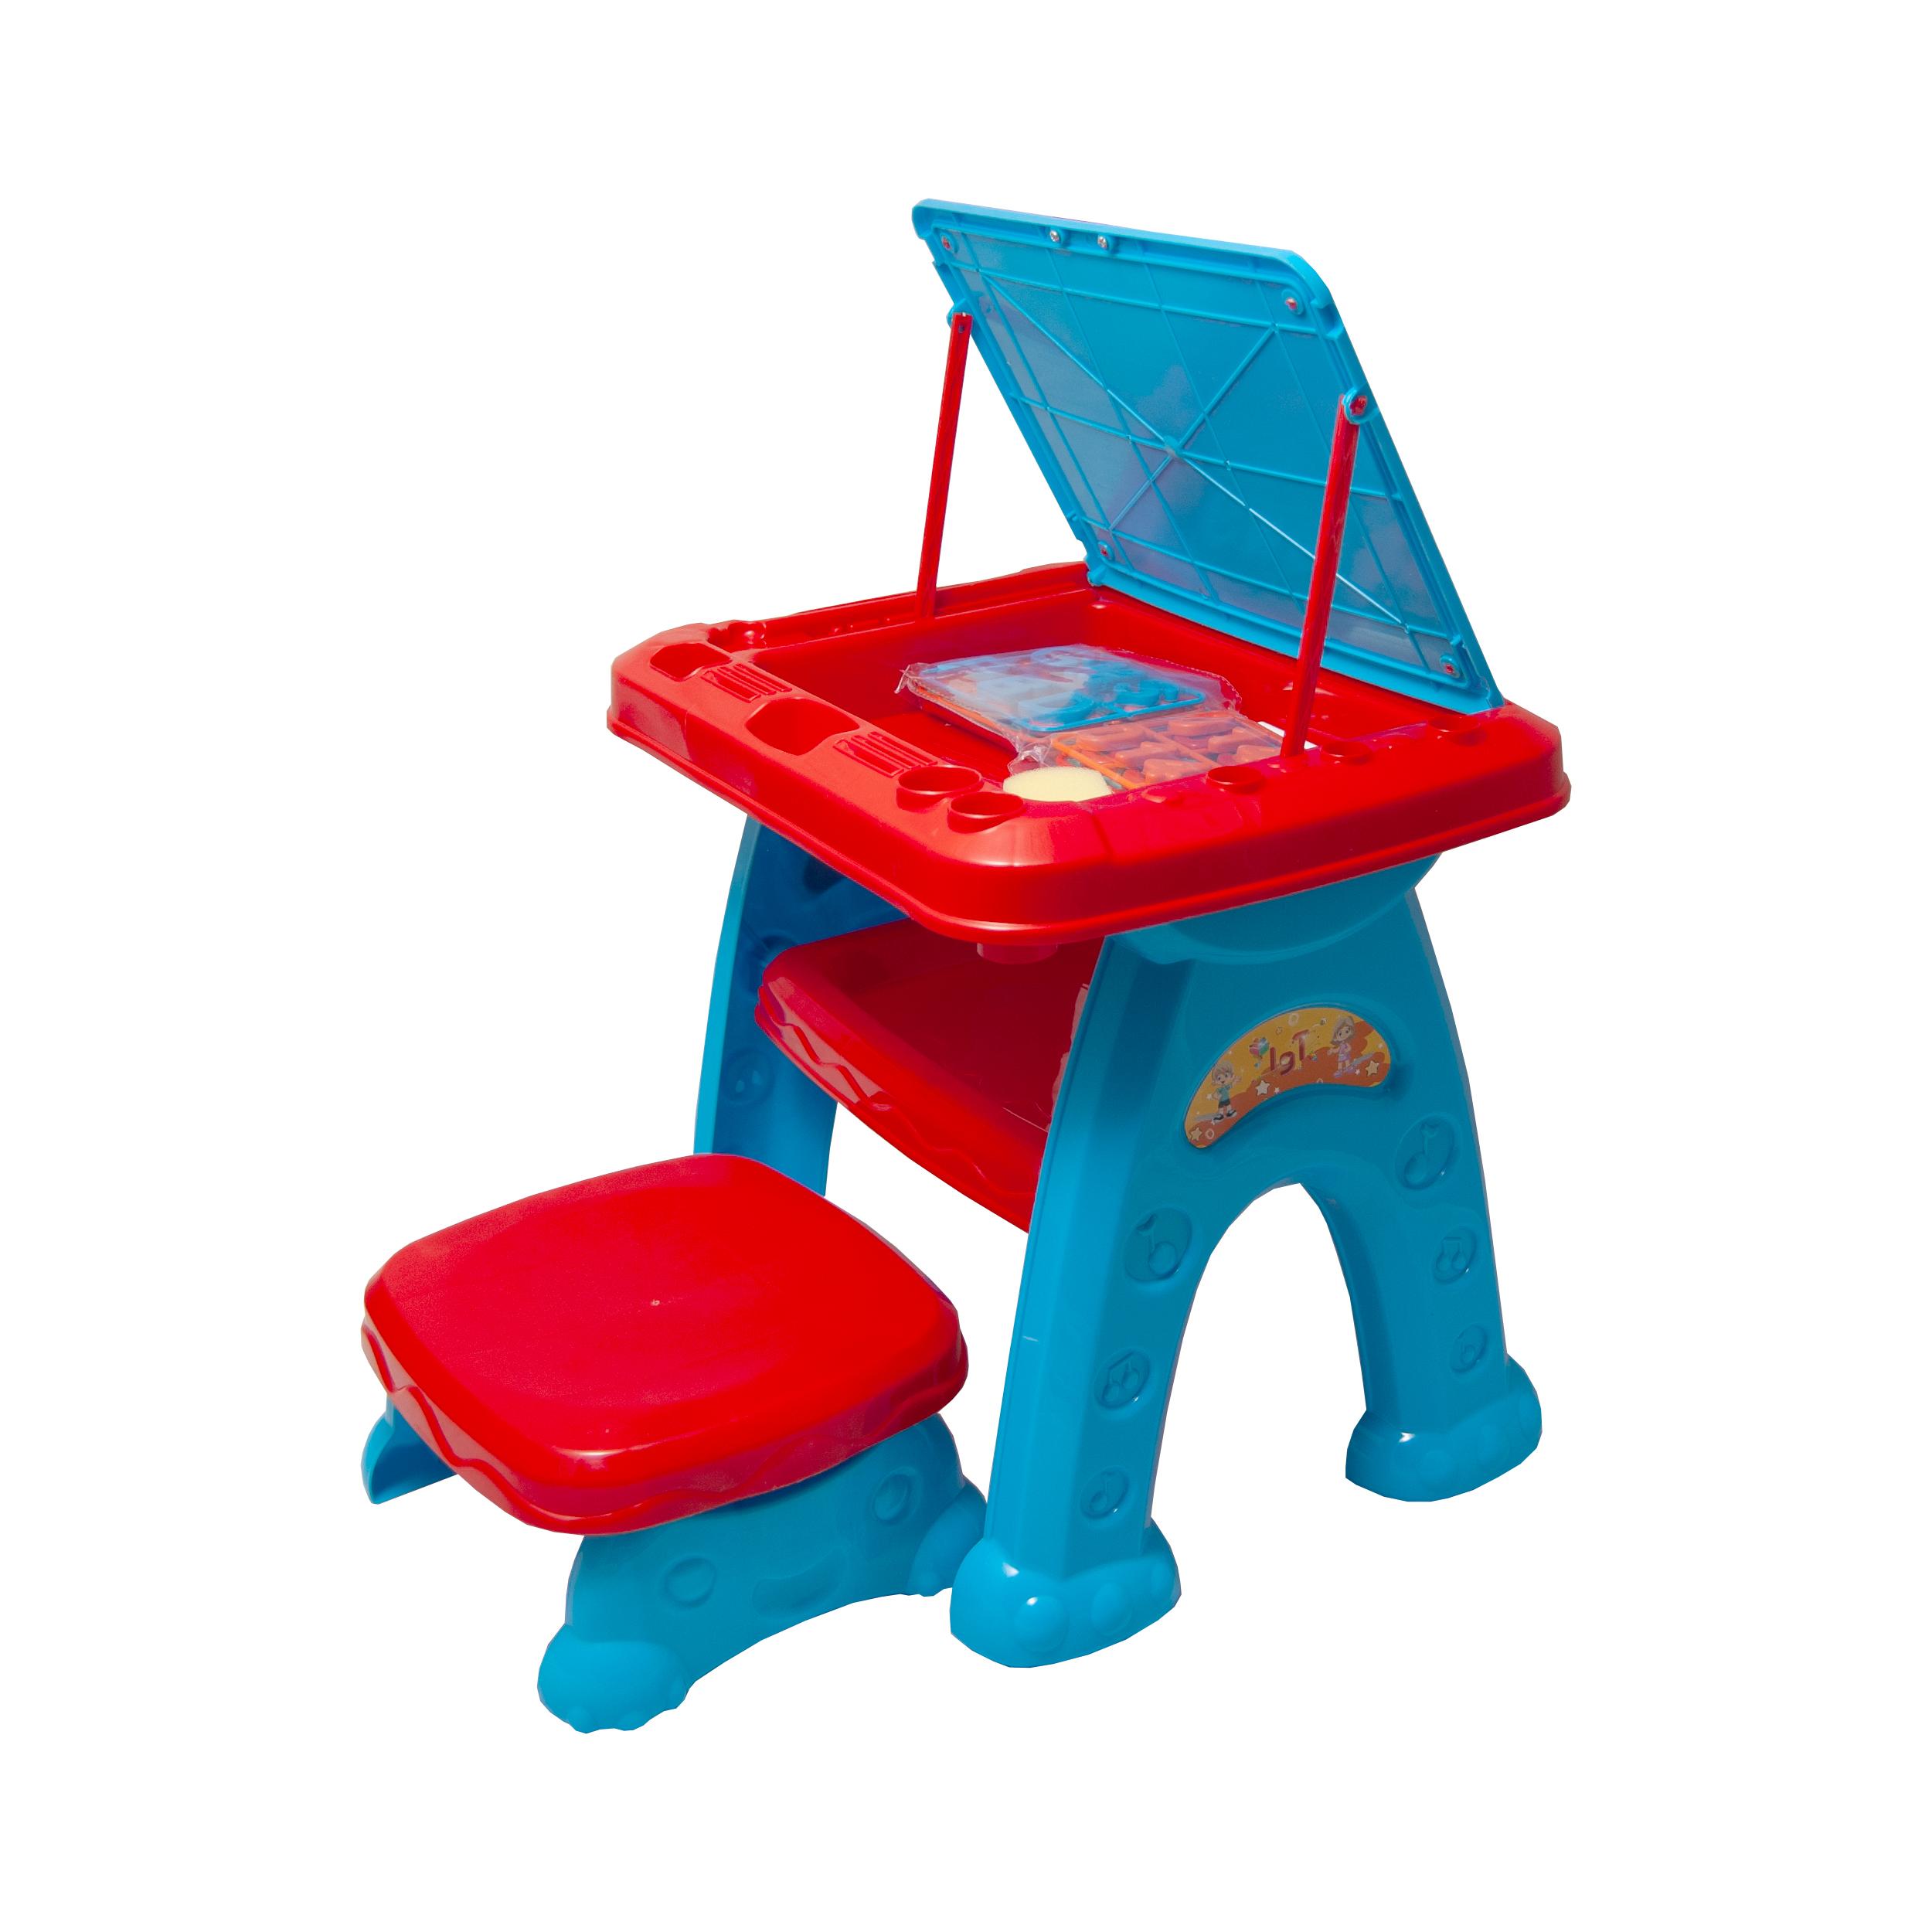 میز و صندلی تحریر کودک آوا مدل AMT1213 کد 1 thumb